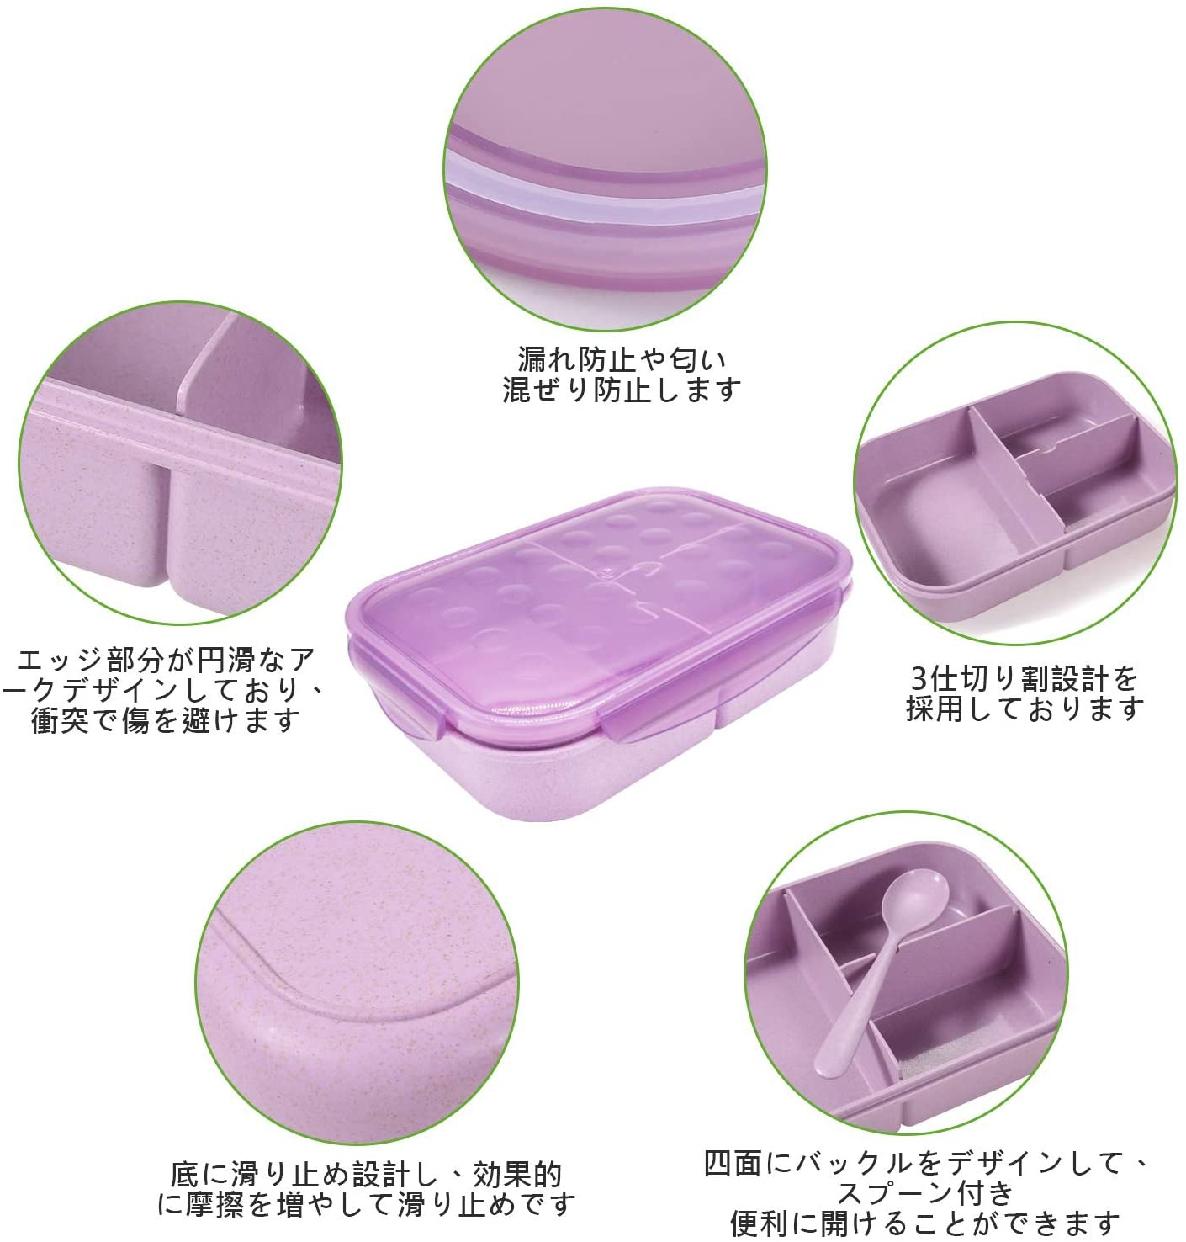 Jeopace(ジェオパス) 弁当箱の商品画像3